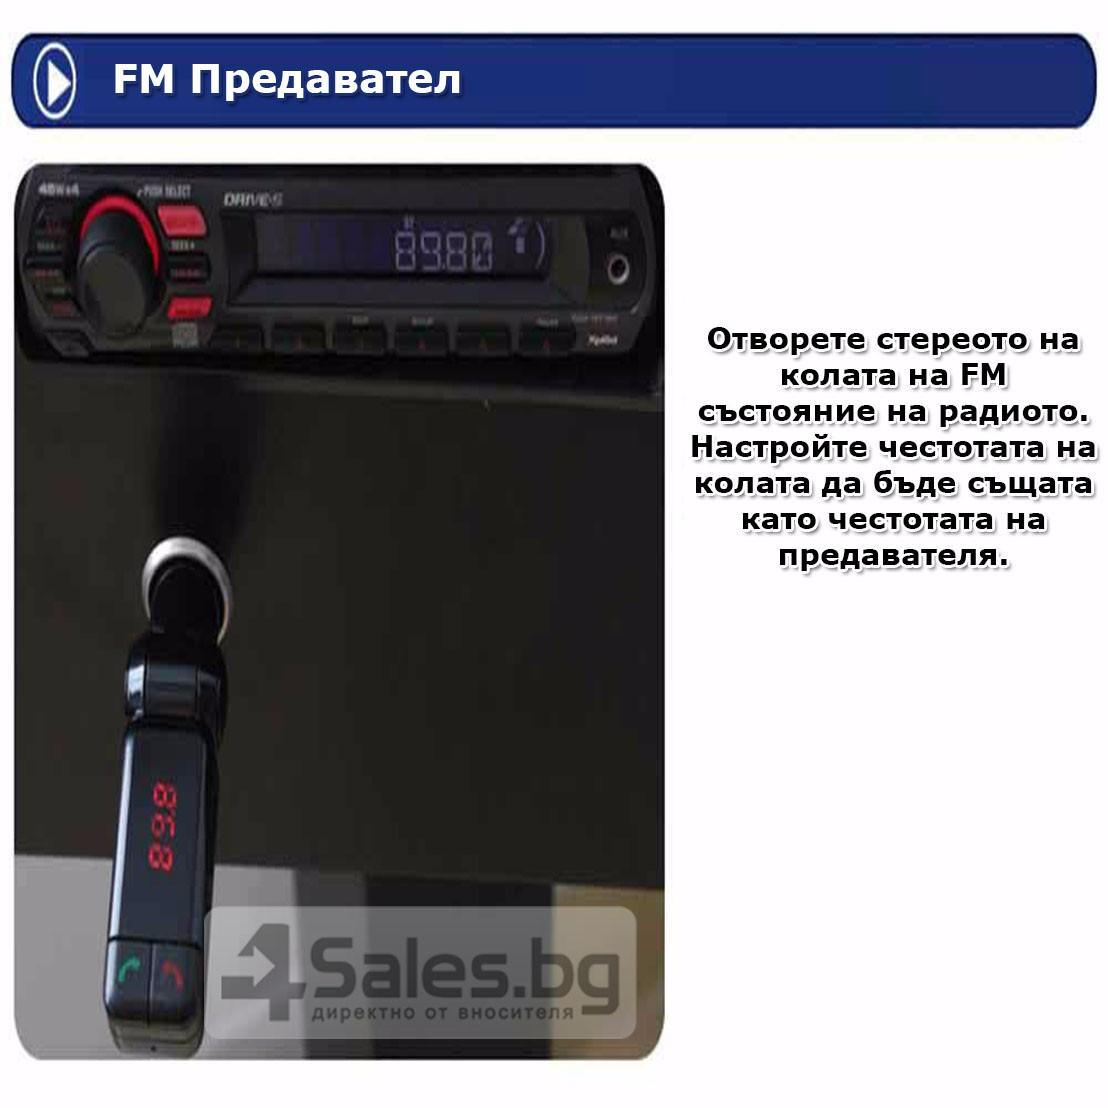 Блутут за кола (MP3player FM предавател зарядно USB и Bluetooth) HF4 20